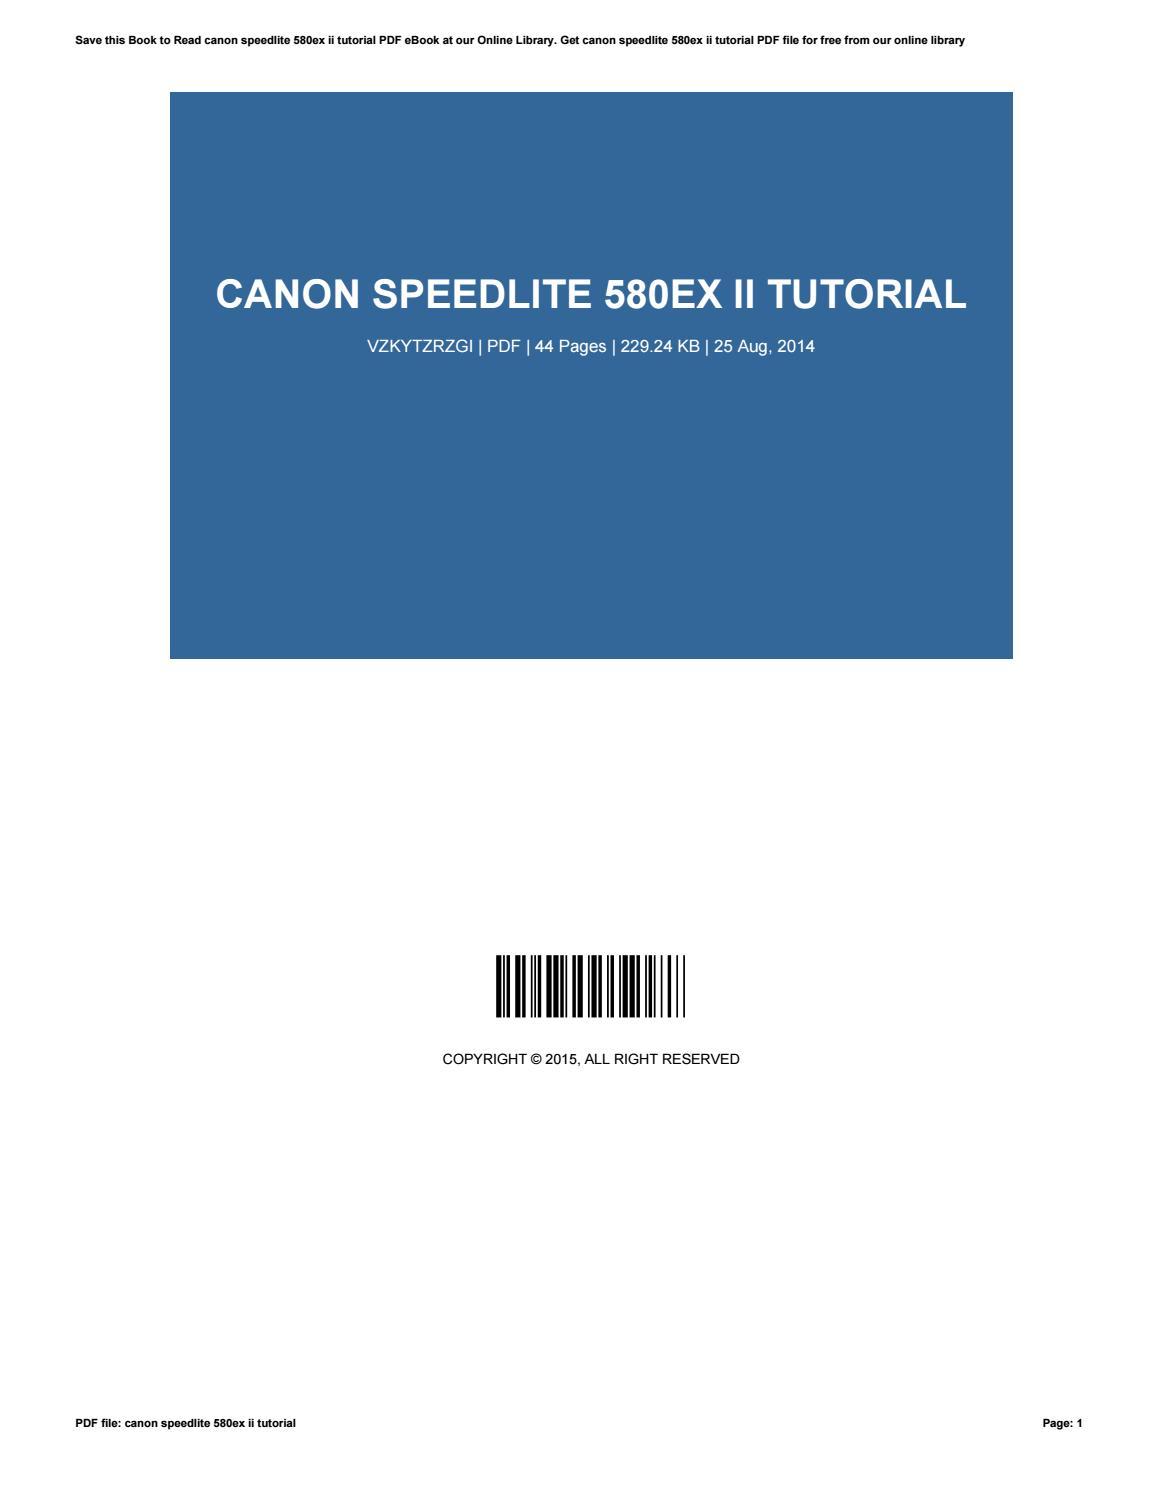 Speedlite 580ex Ii Manual Pdf